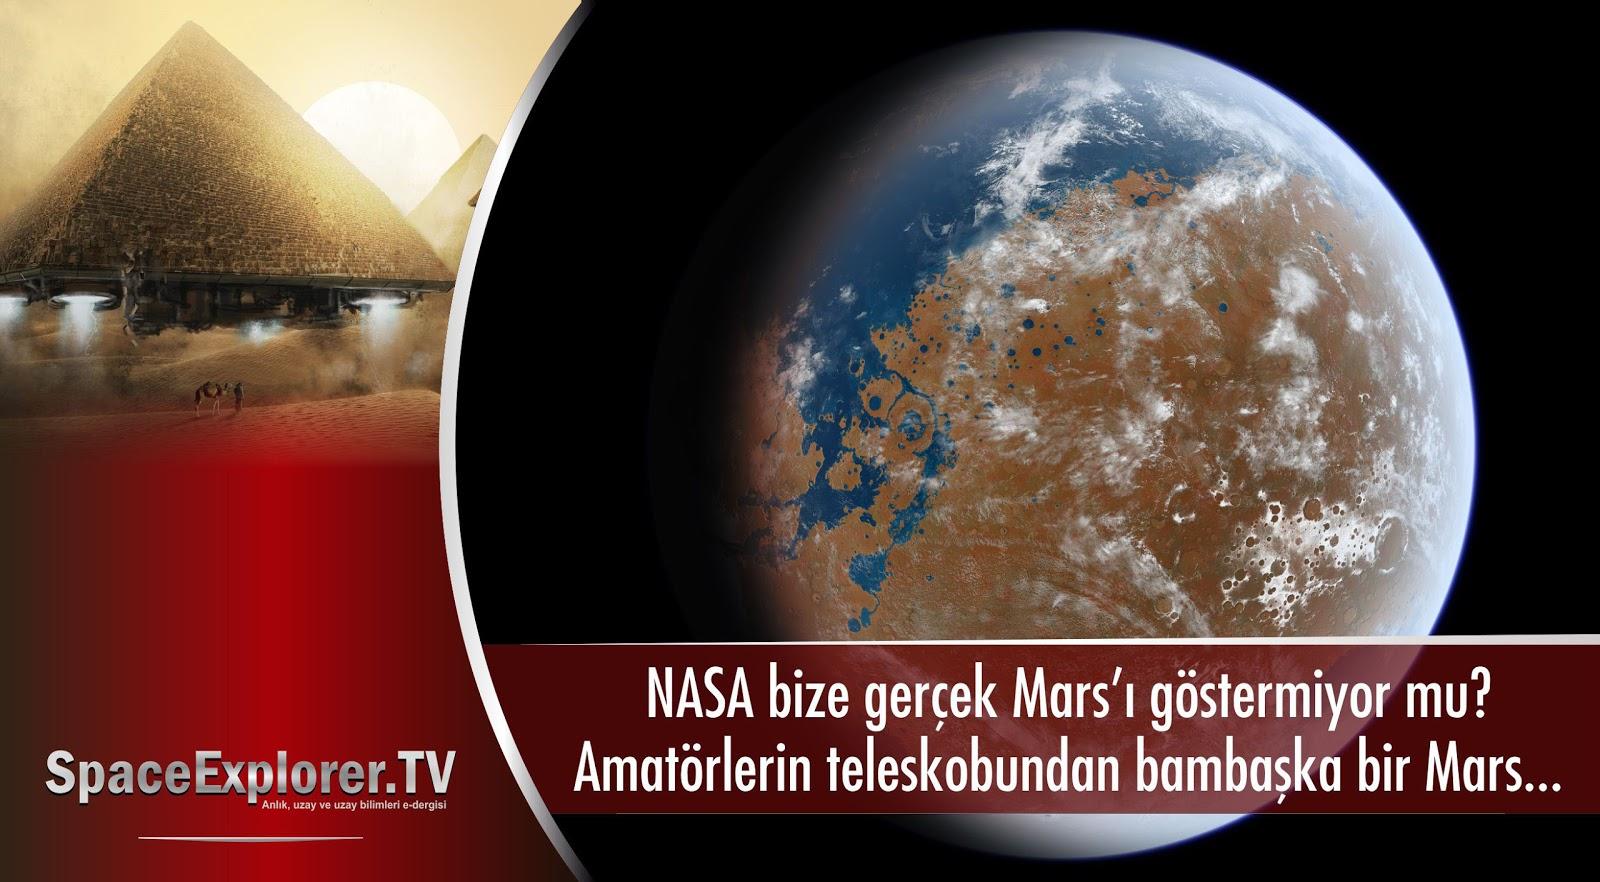 Merih, Mars, Videolar, NASA neden gizliyor, NASA, Mars'ta yaşam var mı, Uzayda hayat var mı?,